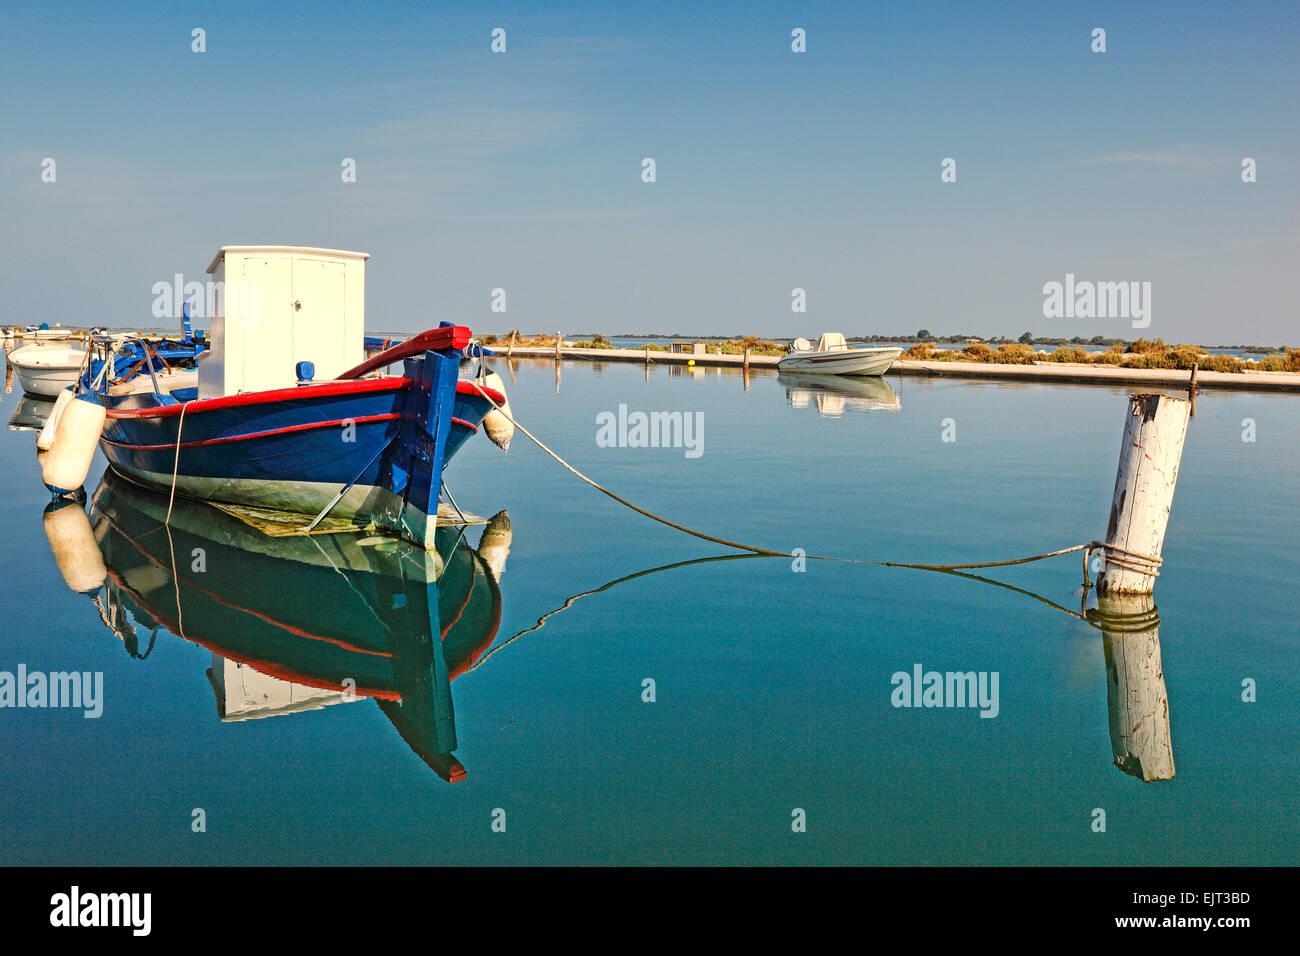 Ein Fischerboot gefesselt im seichten Wasser in der Stadt Lefkada, Griechenland Stockbild